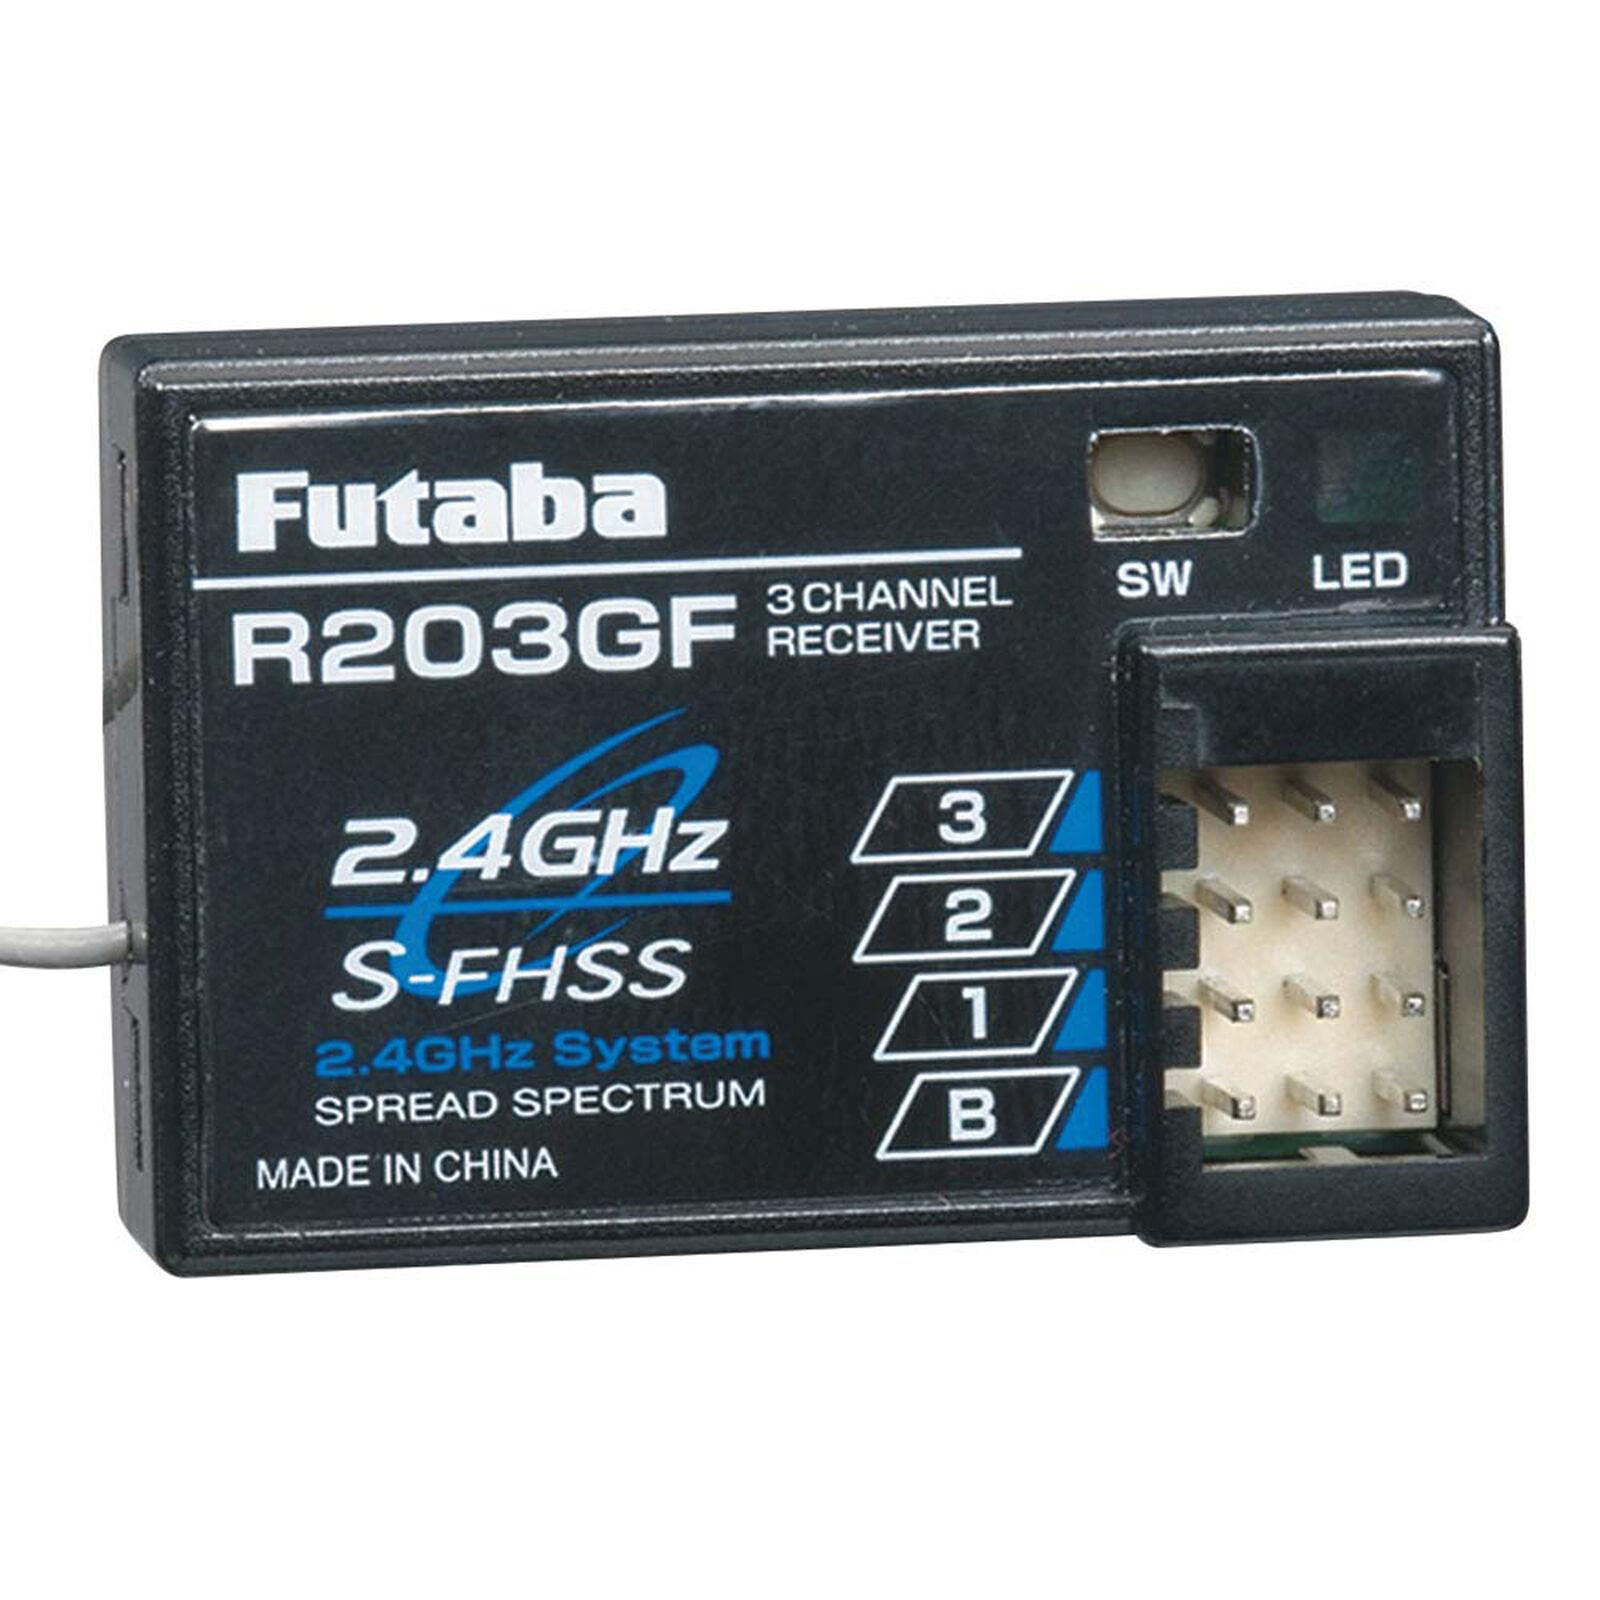 R203GF 3-Channel S-FHSS Receiver